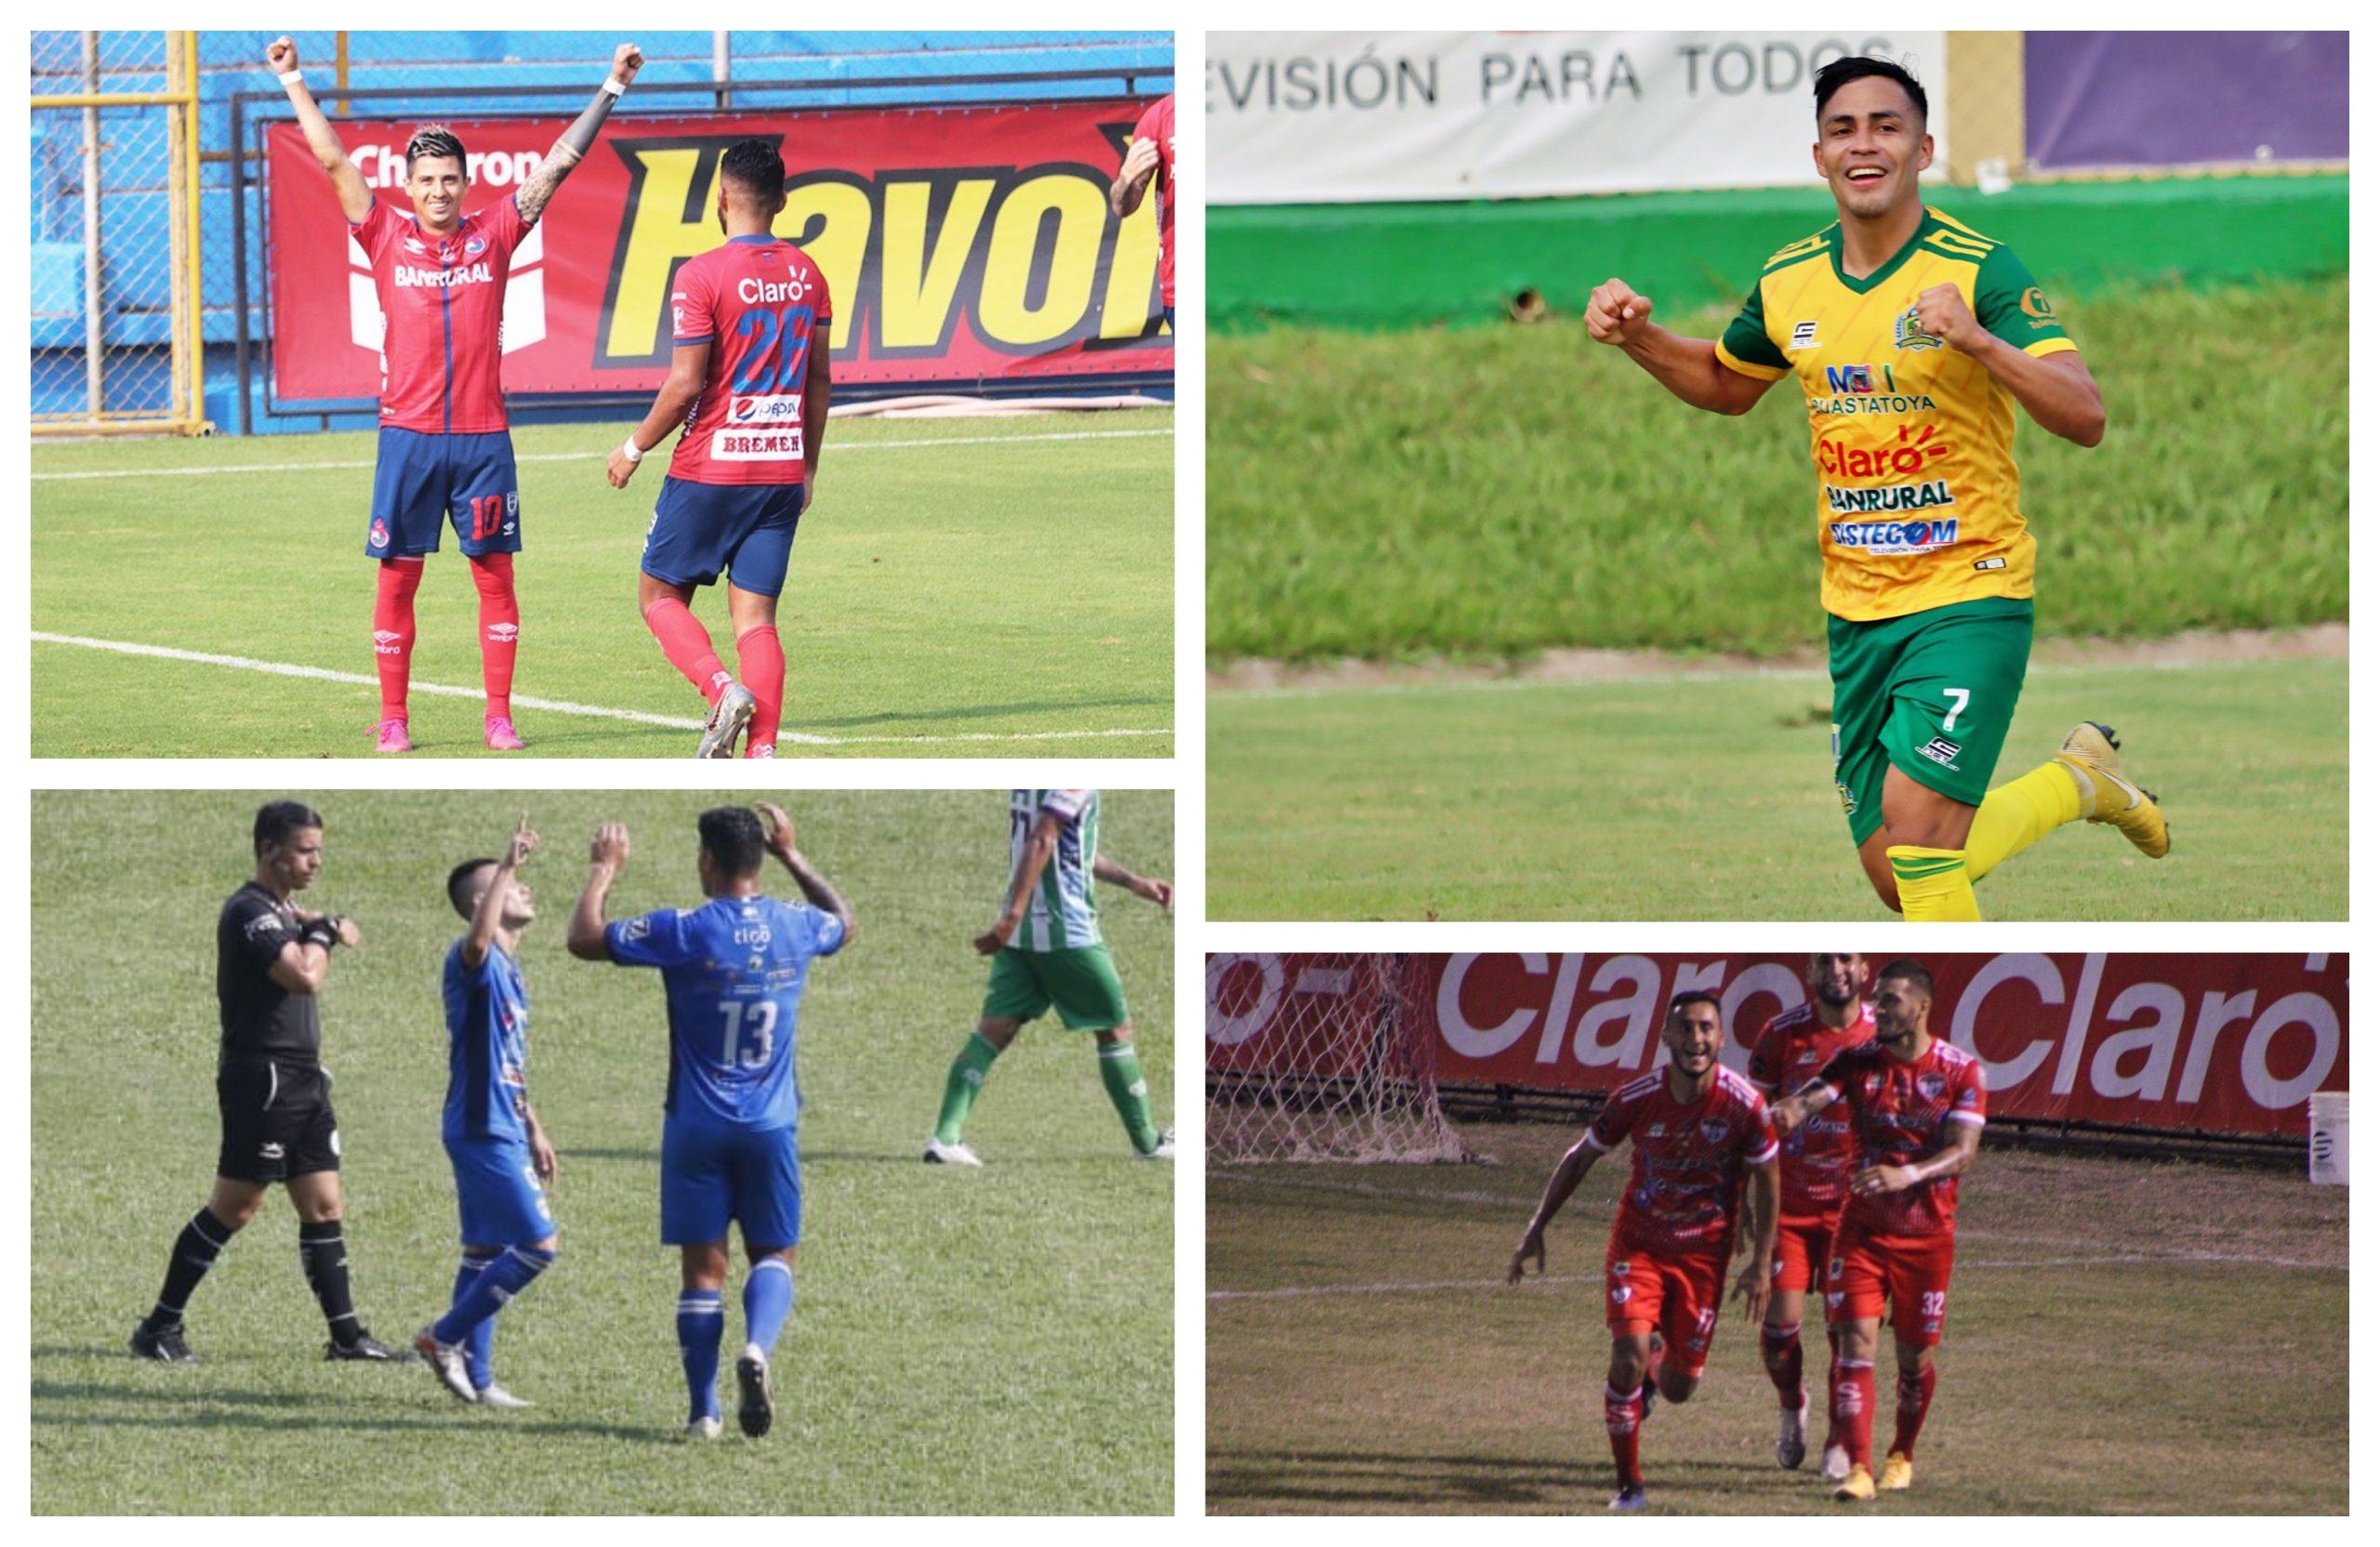 La última jornada del Clausura 2021 se disputará el próximo domingo cuando todos los partidos se jueguen a las 11 de la mañana; tras la jornada 15 que se jugó el miércoles, no hay nada definido y todo quedó en suspenso para el fin de semana.